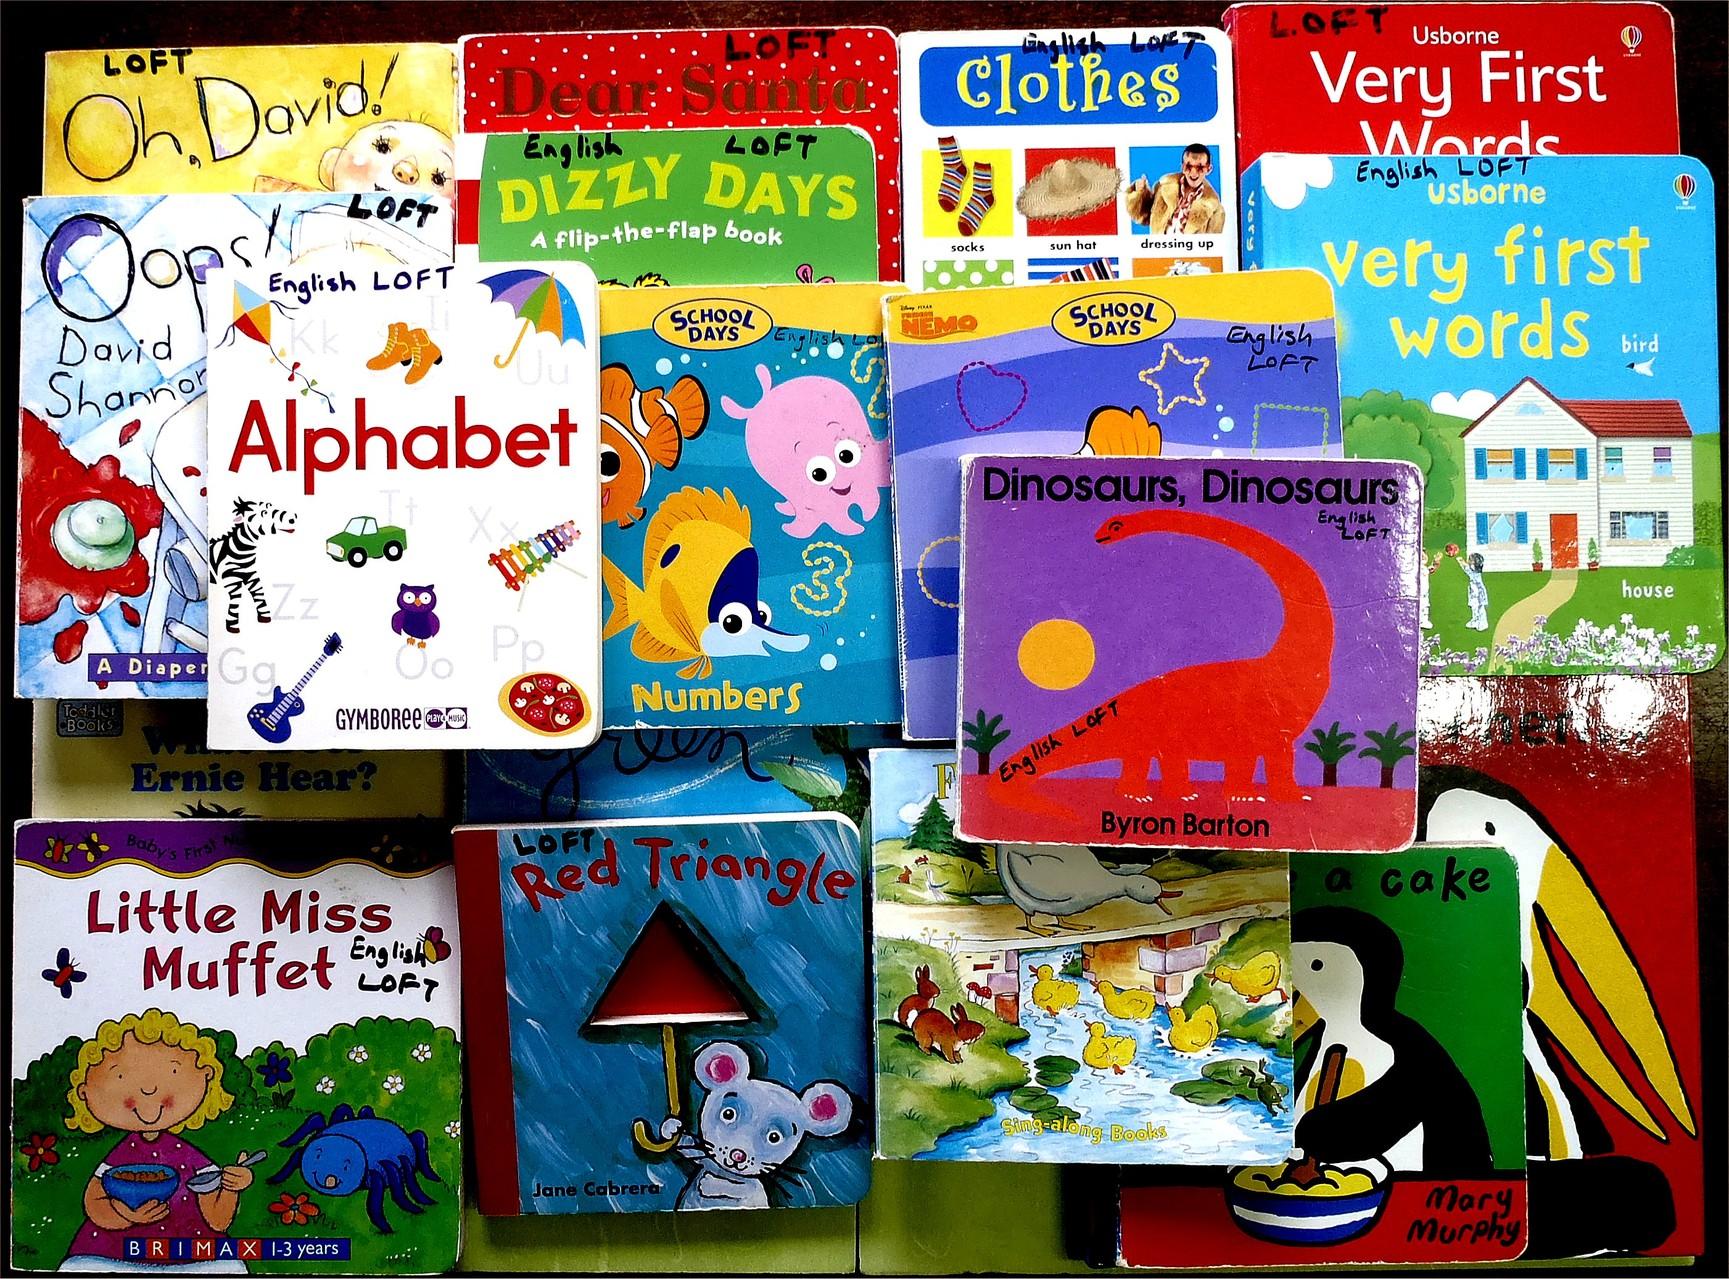 Hard bound children's books